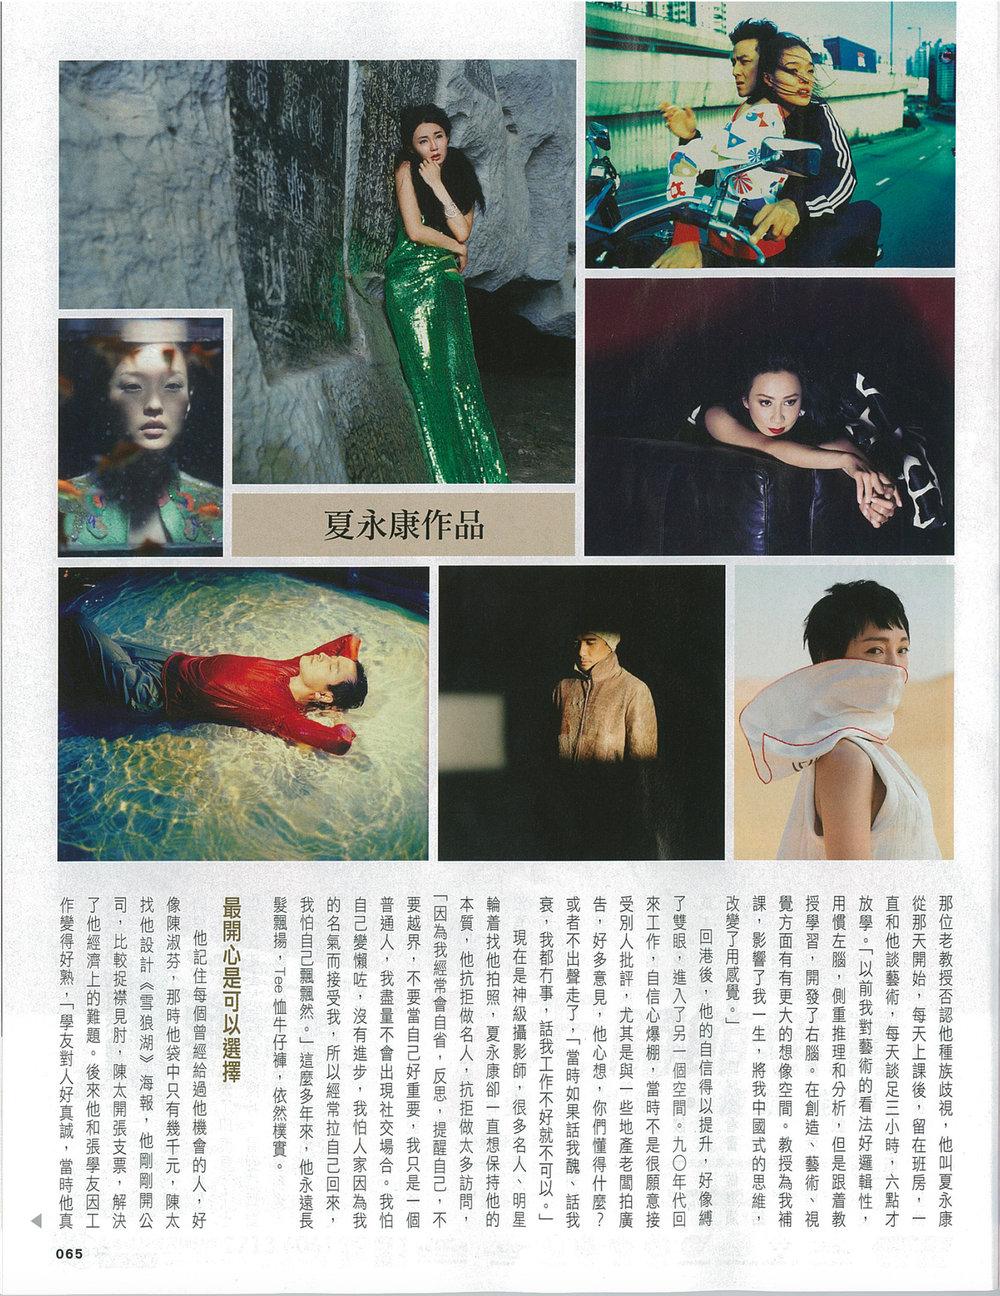 mingpao weekly p4.jpg